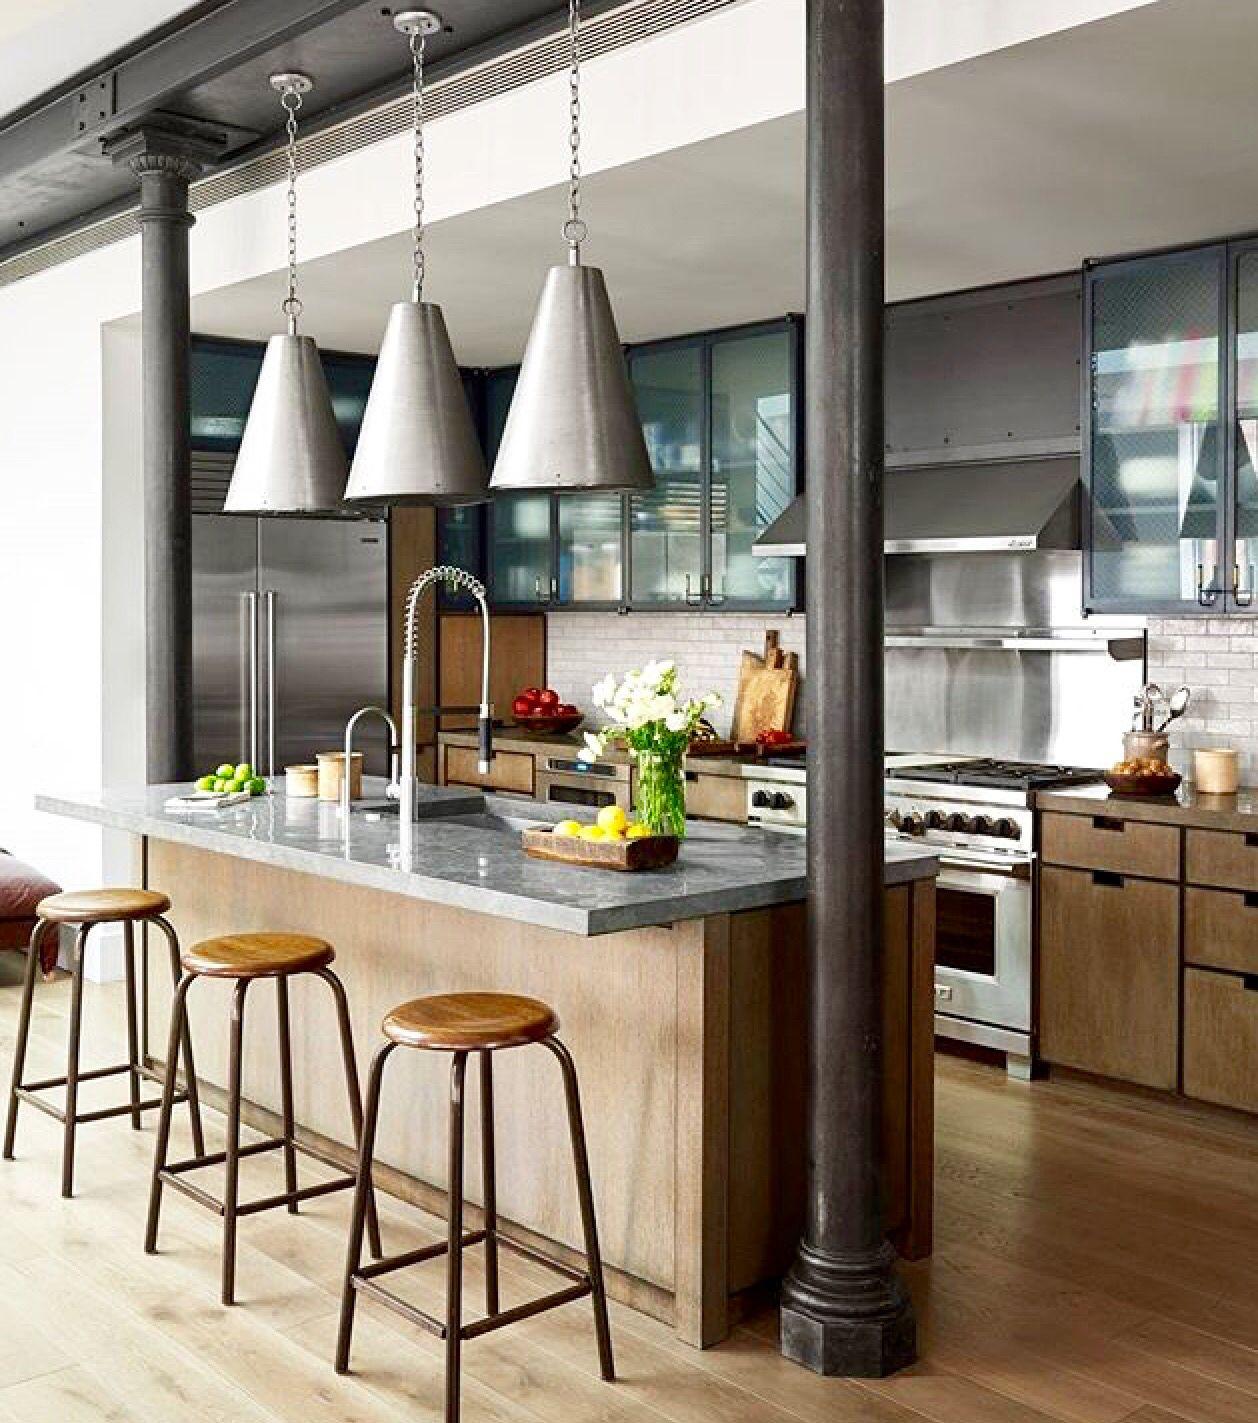 Pinelisa Ribeiro On Kitchen Ideas  Pinterest  Kitchens Pleasing Masters Kitchen Design Review